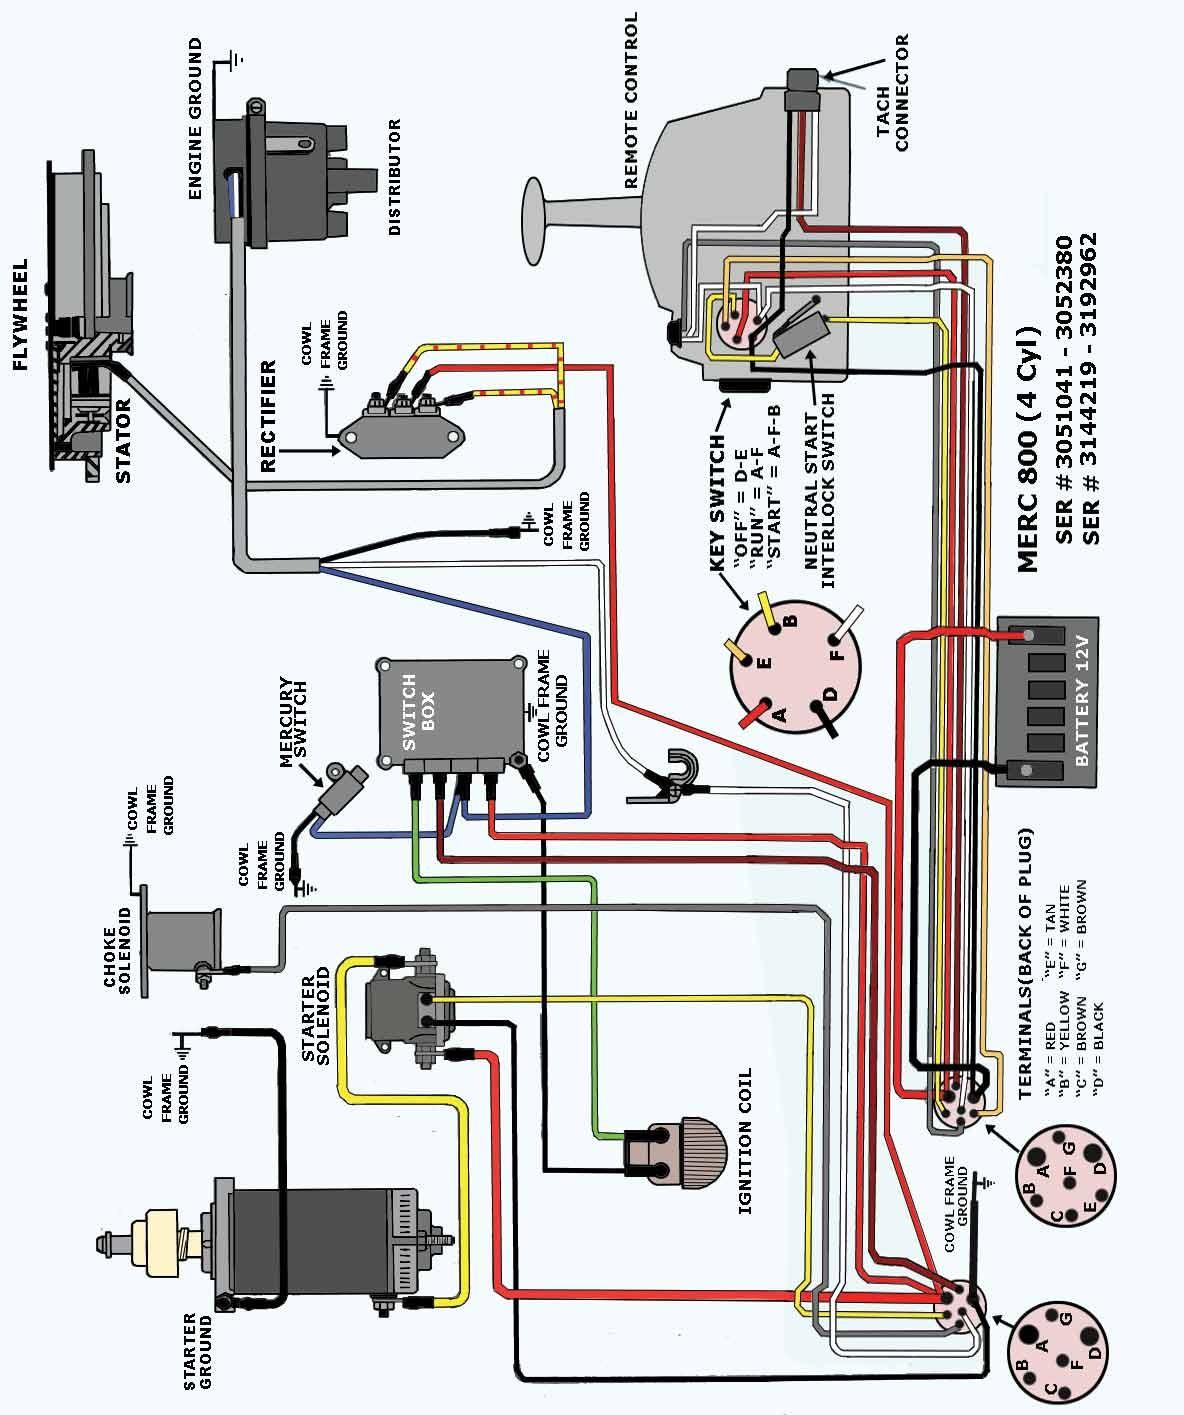 r19_267] thunderbolt v ignition wiring diagram | structure-visible wiring  diagram value | structure-visible.iluoghicomunisullacultura.it  iluoghicomunisullacultura.it